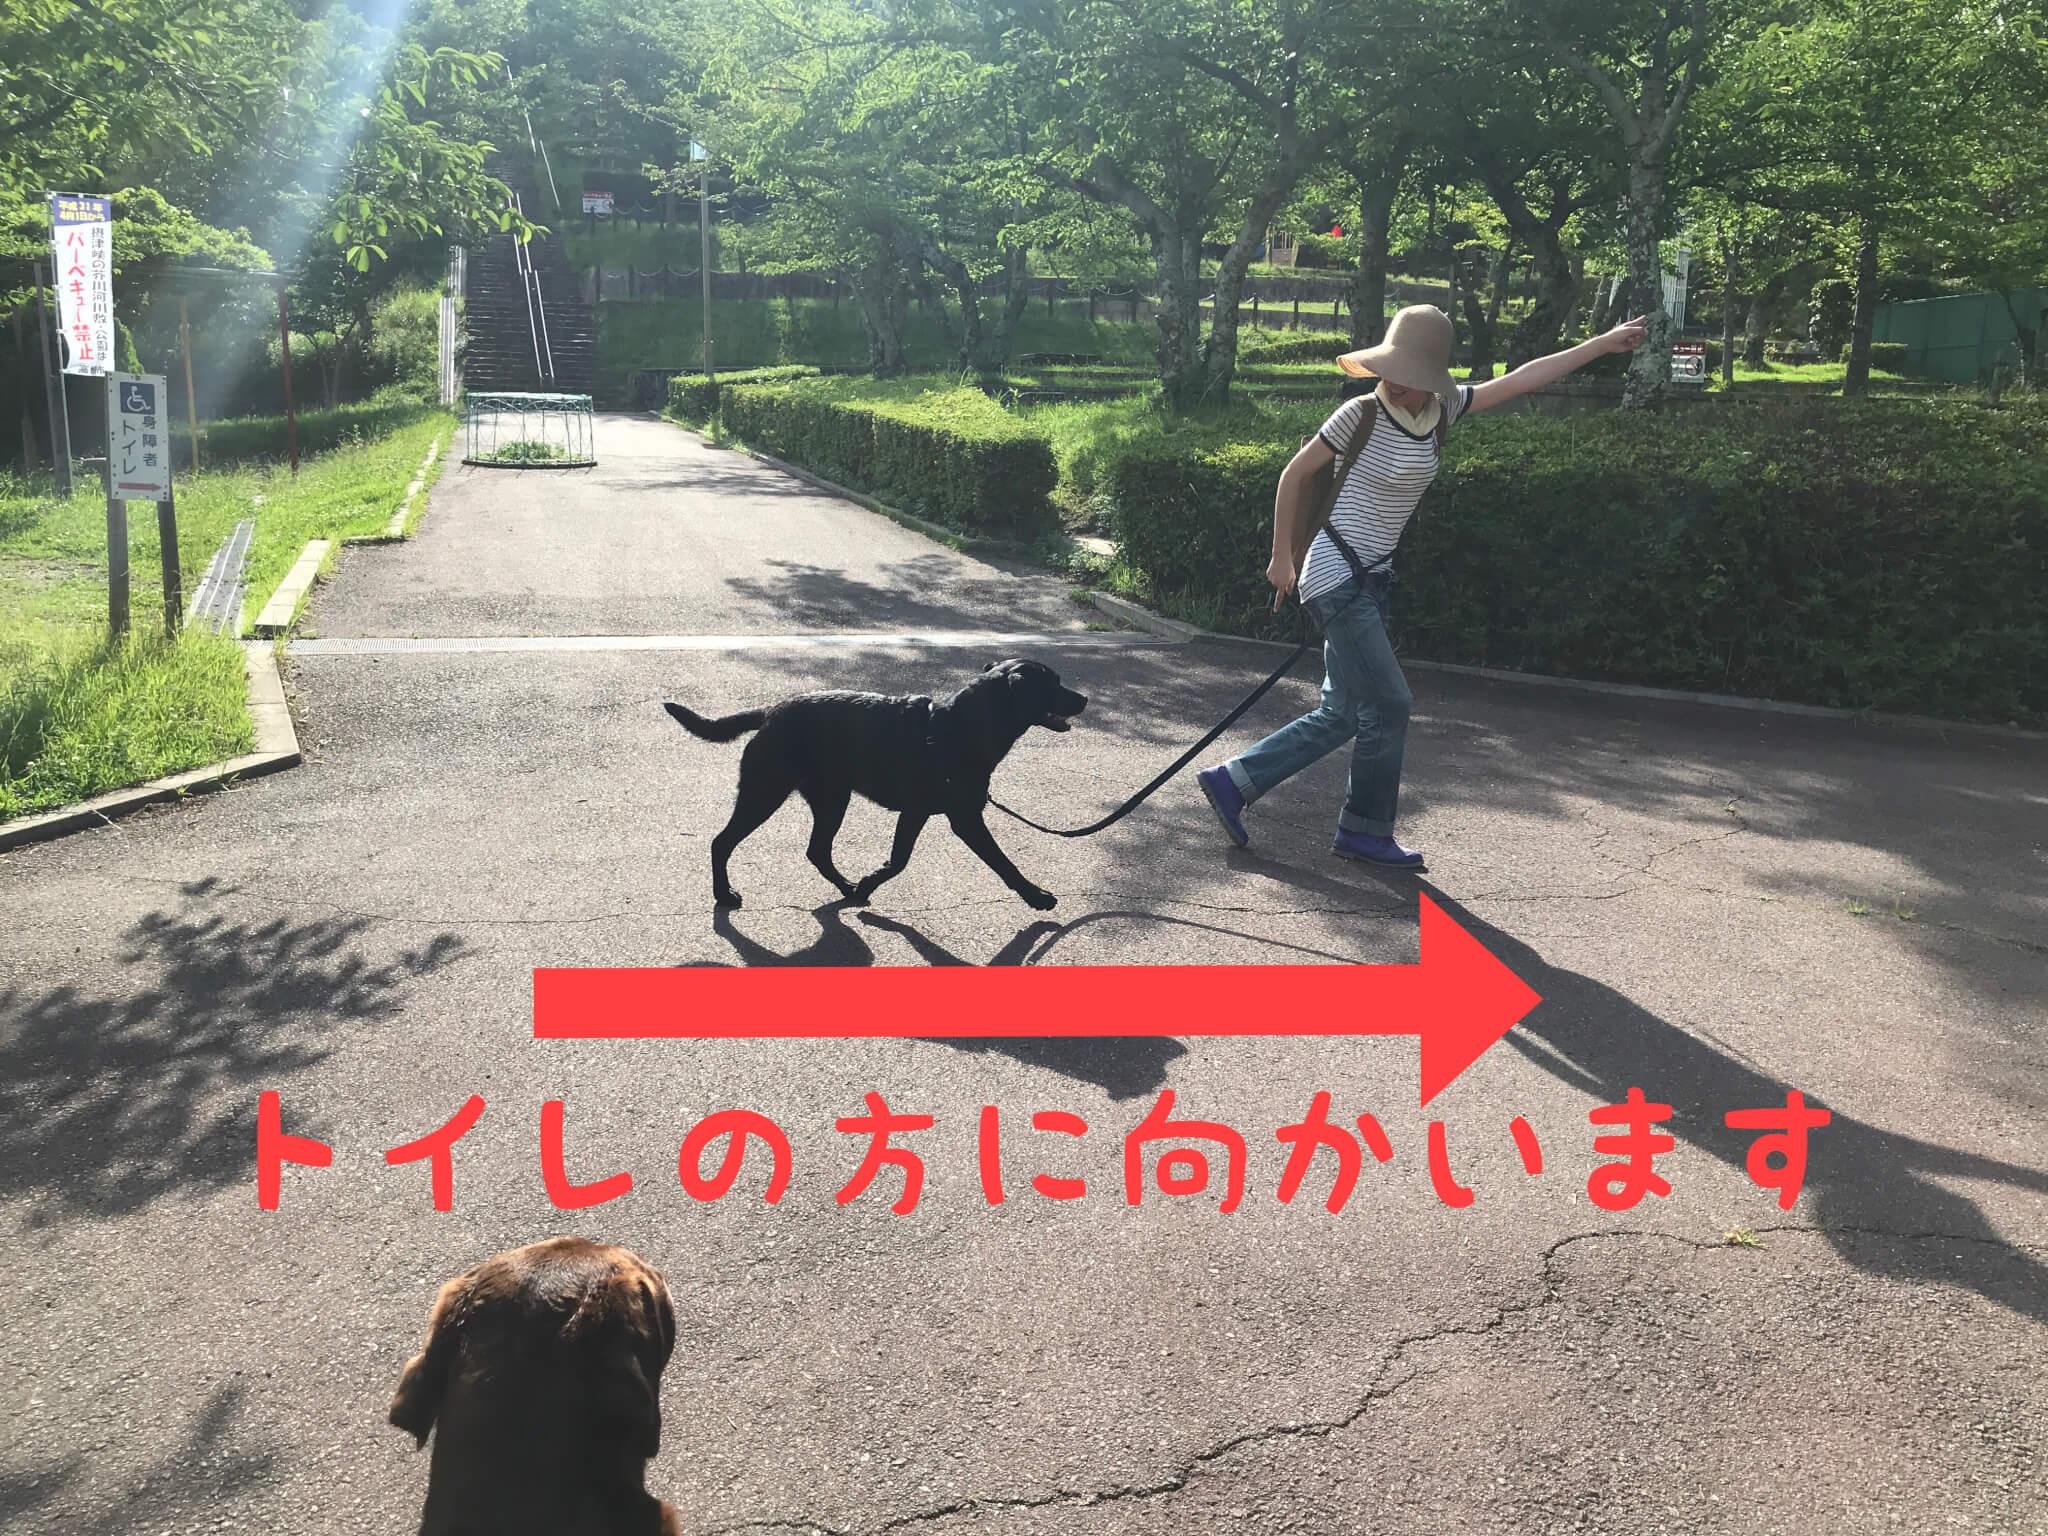 摂津峡公園 桜広場 トイレの方に向かいます ラブラドールレトリバー